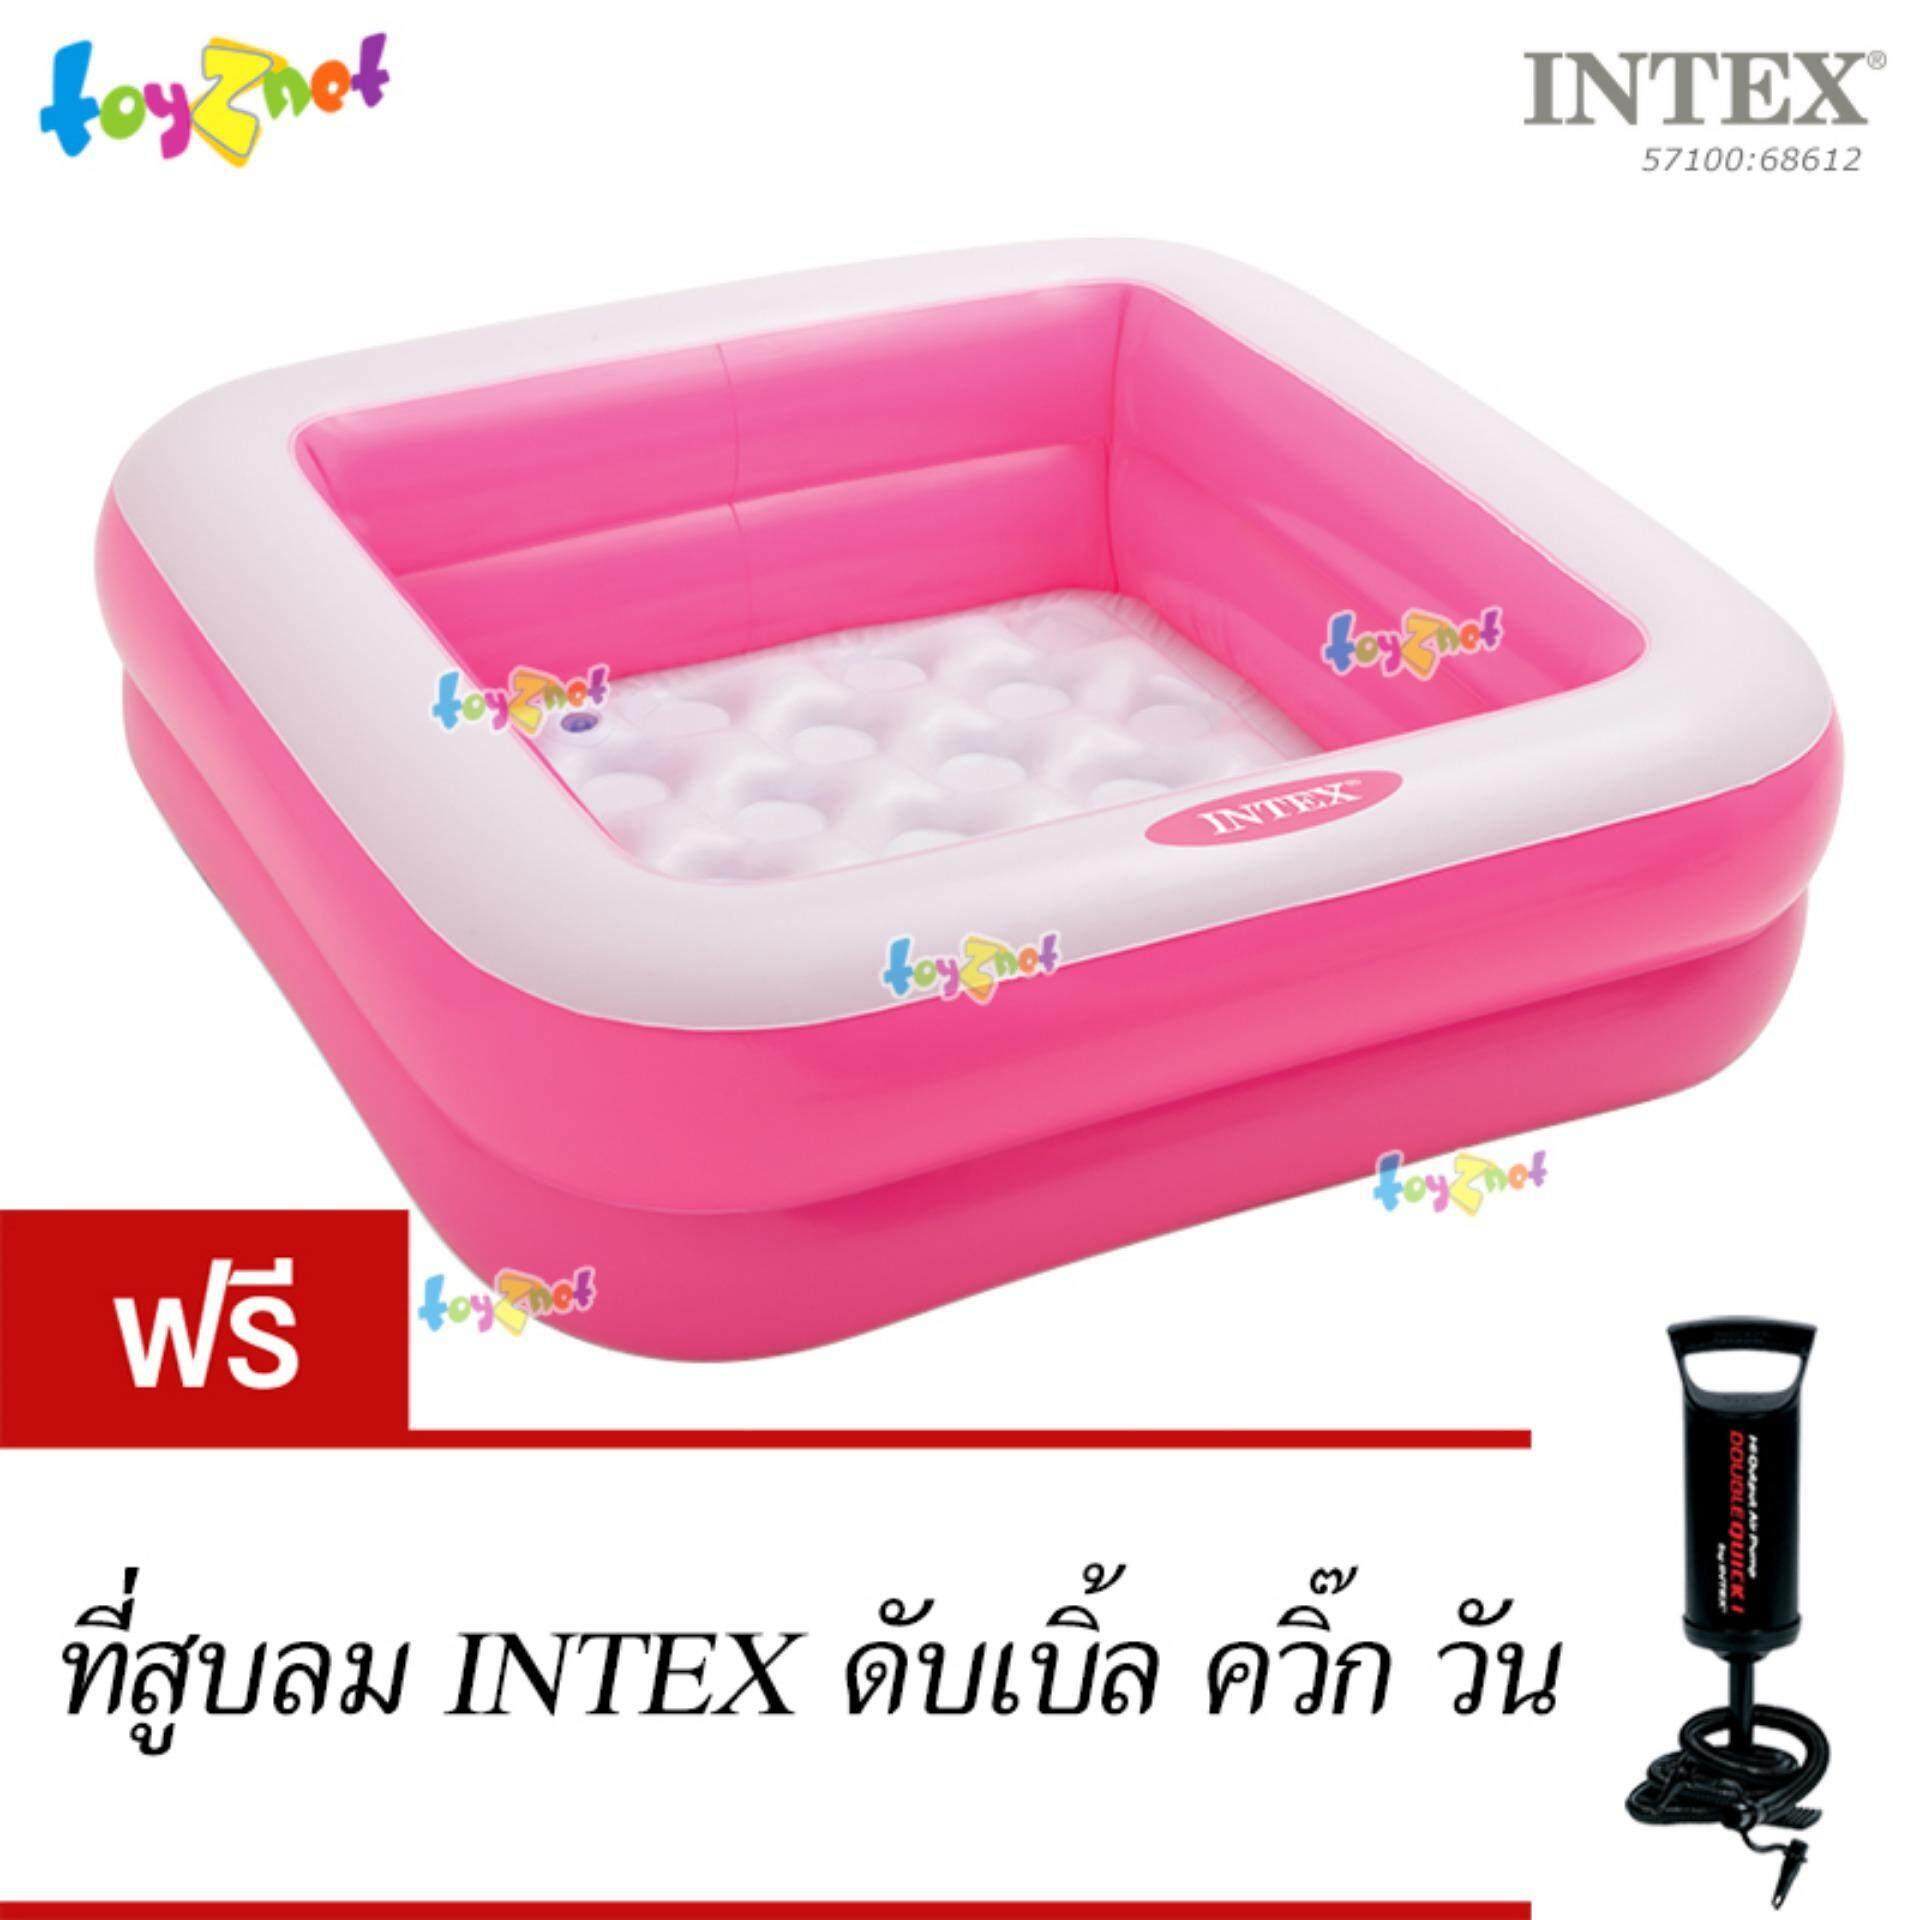 ซื้อ Intex สระน้ำ เป่าลม เด็กเล็ก เพลย์บ๊อซ สีชมพู รุ่น 57100 ฟรี ที่สูบลมดับเบิ้ลควิ๊ก วัน ออนไลน์